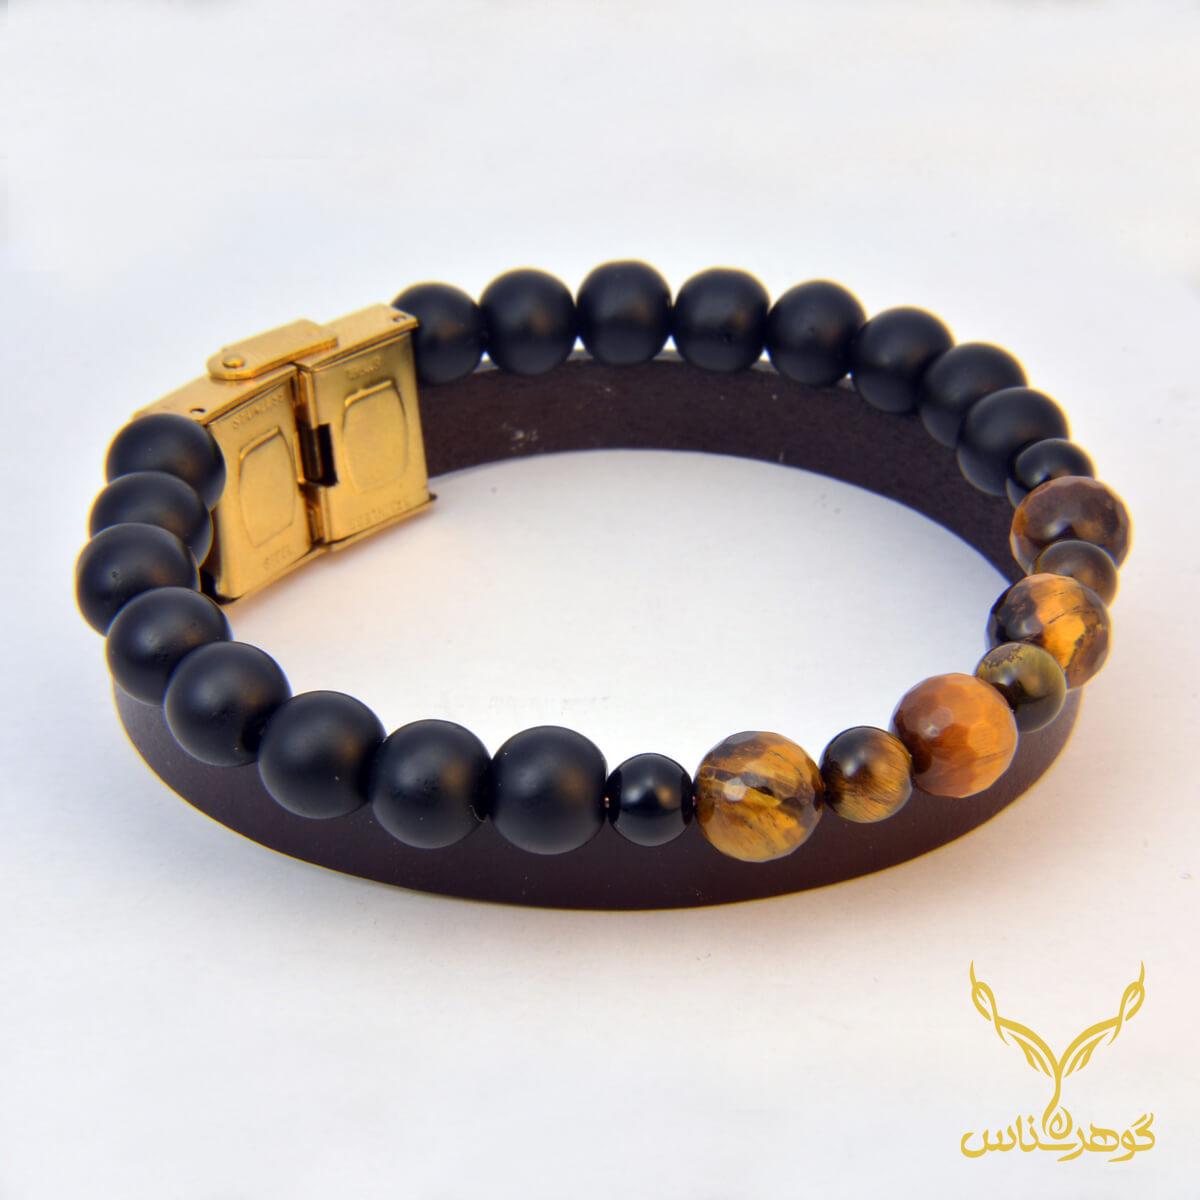 دستبند چرمی کدRC002 دستبند چرم همراه با سنگ یکی از بهترین گزینه ها برای آقایان است.فروشگاه آنلاین گوهرشناس مرکز معتبر خرید جواهرات